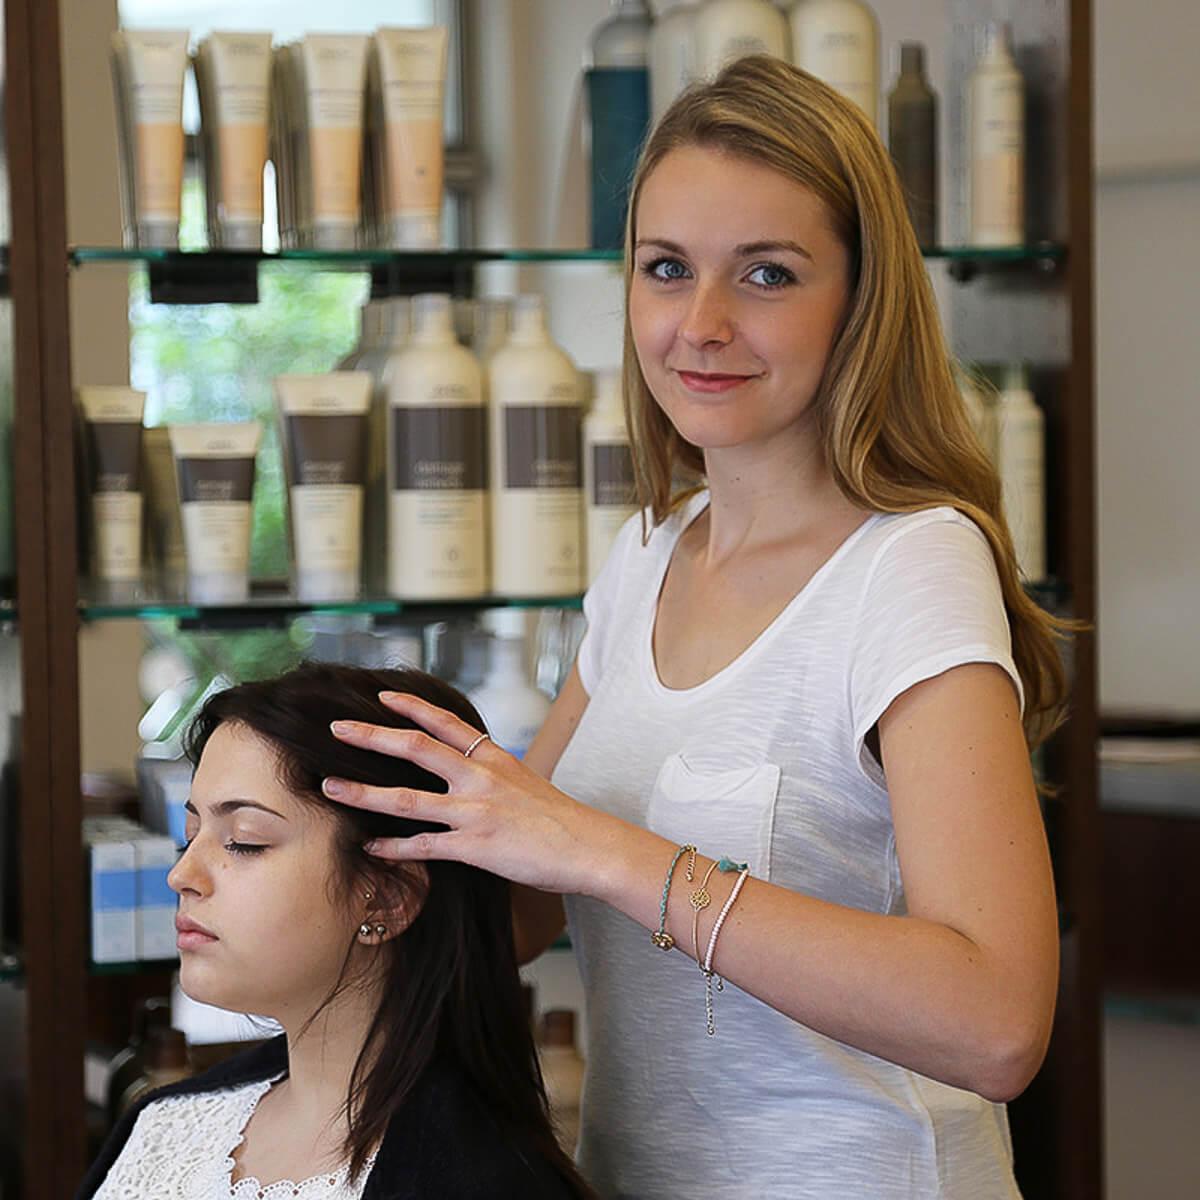 So geht Erholung beim Friseur: eine Kopfmassage gehört bei uns dazu